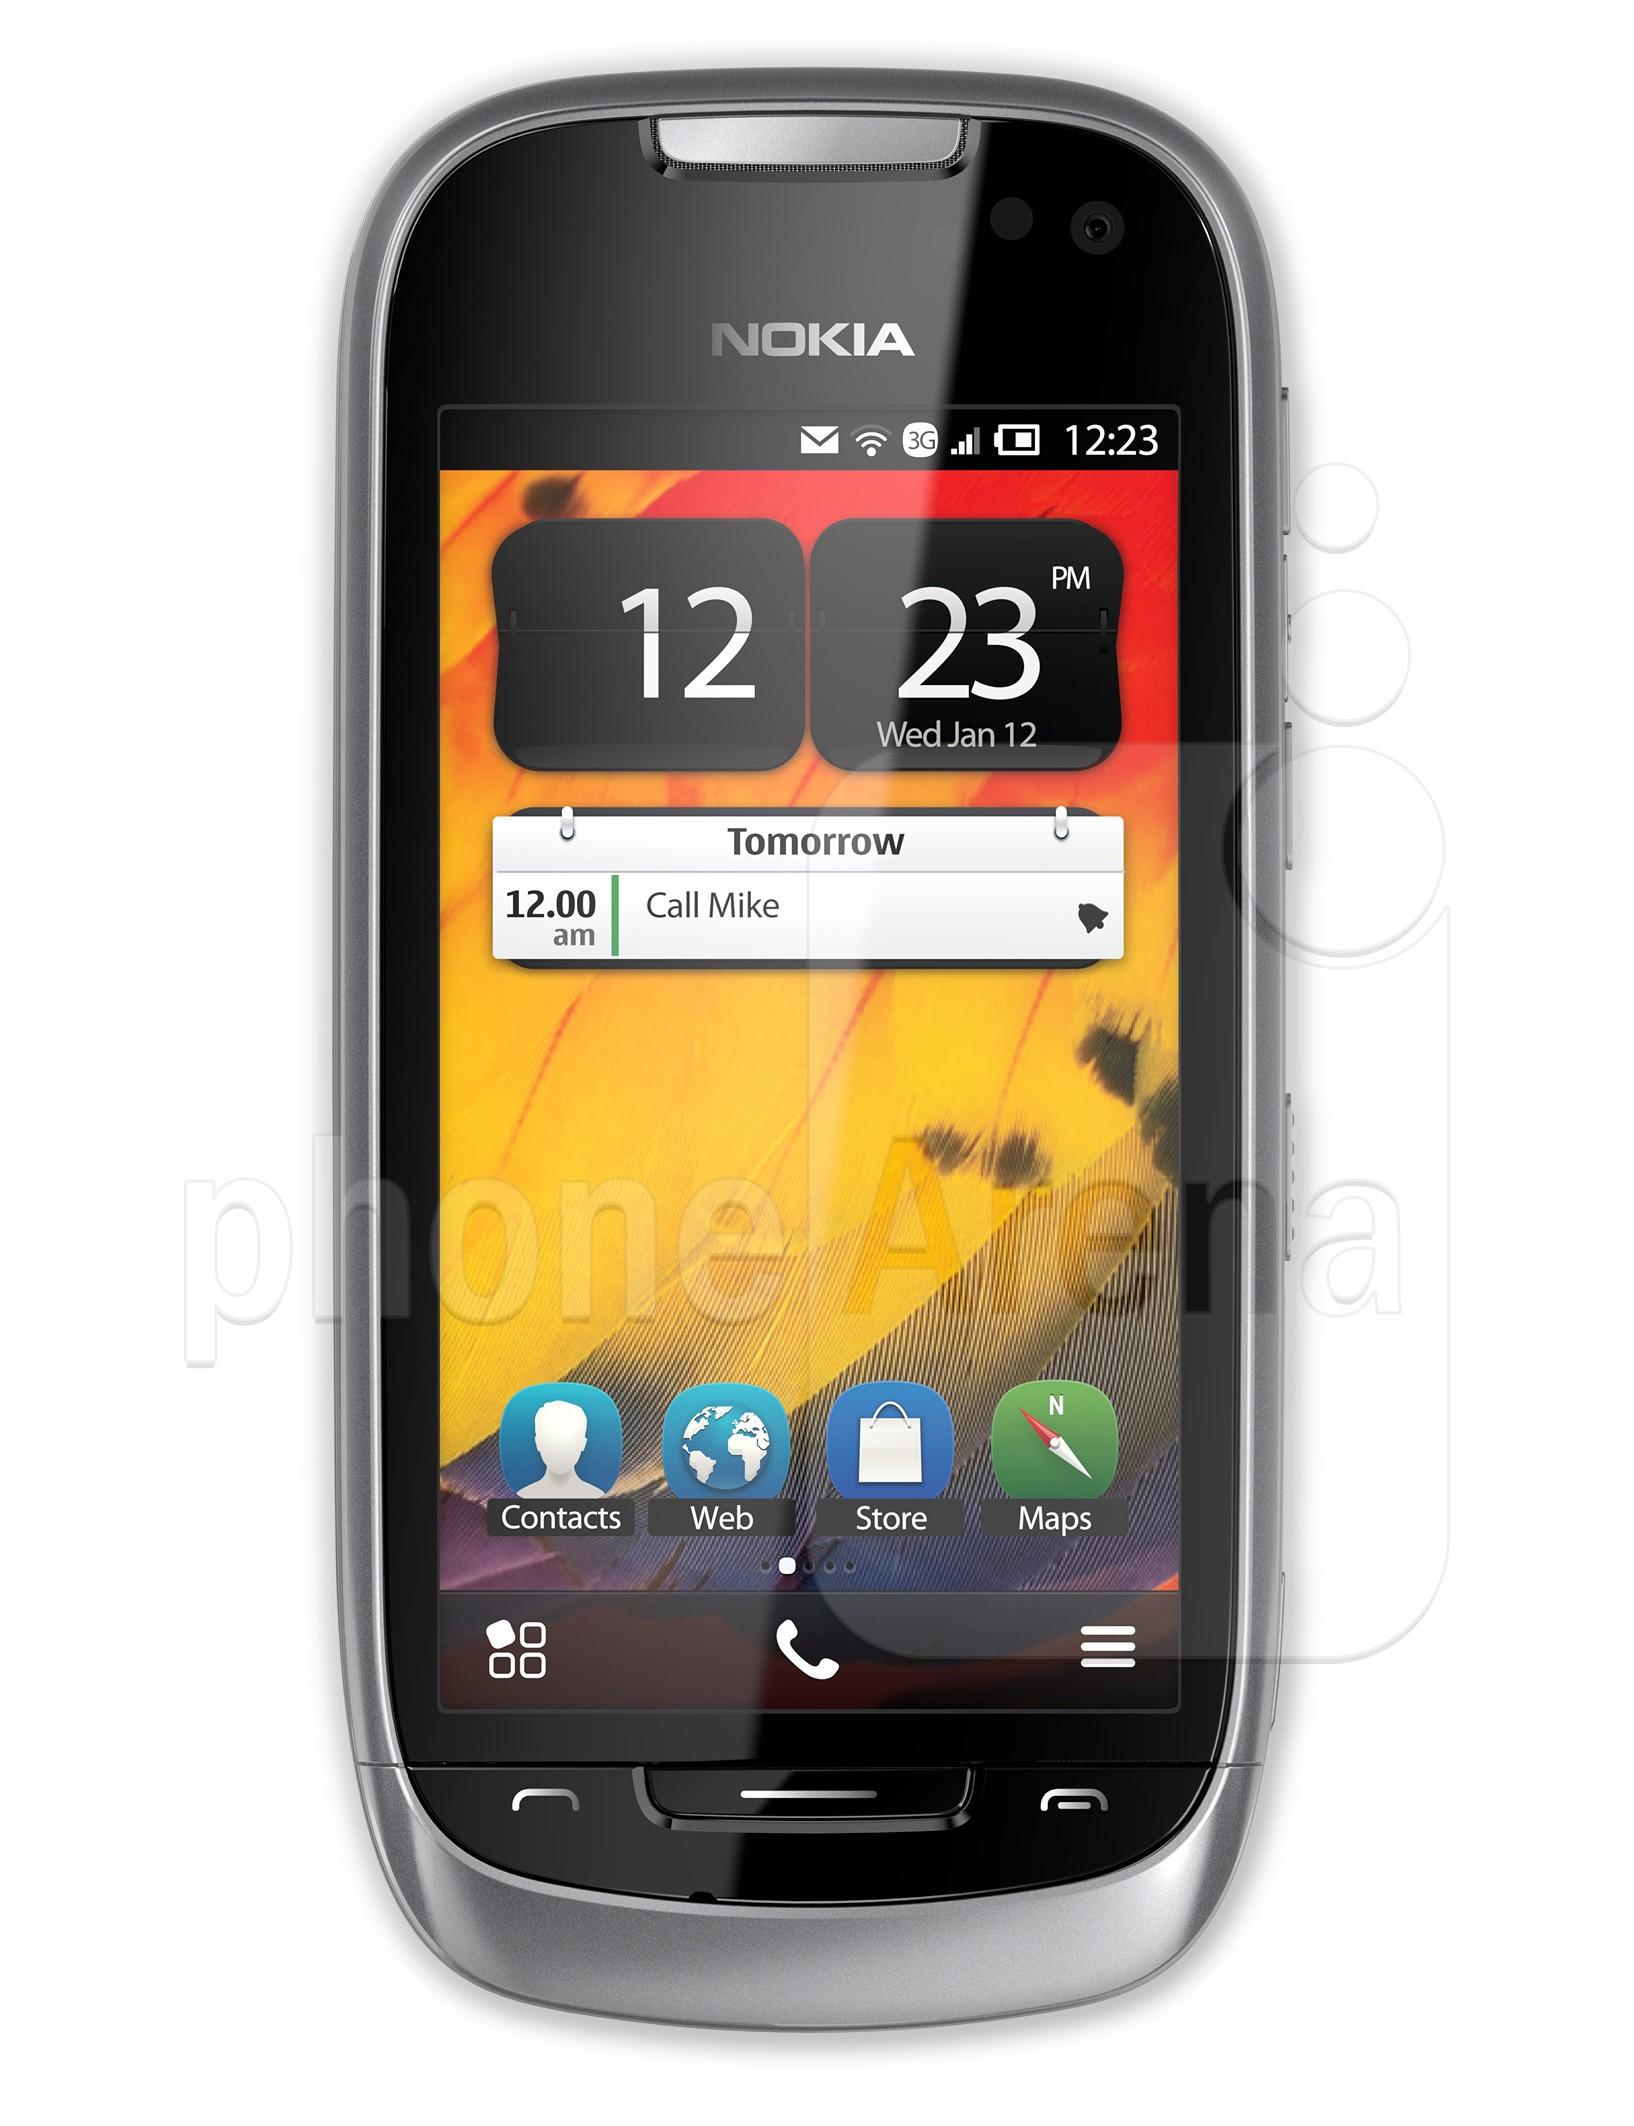 Nokia 701 specs